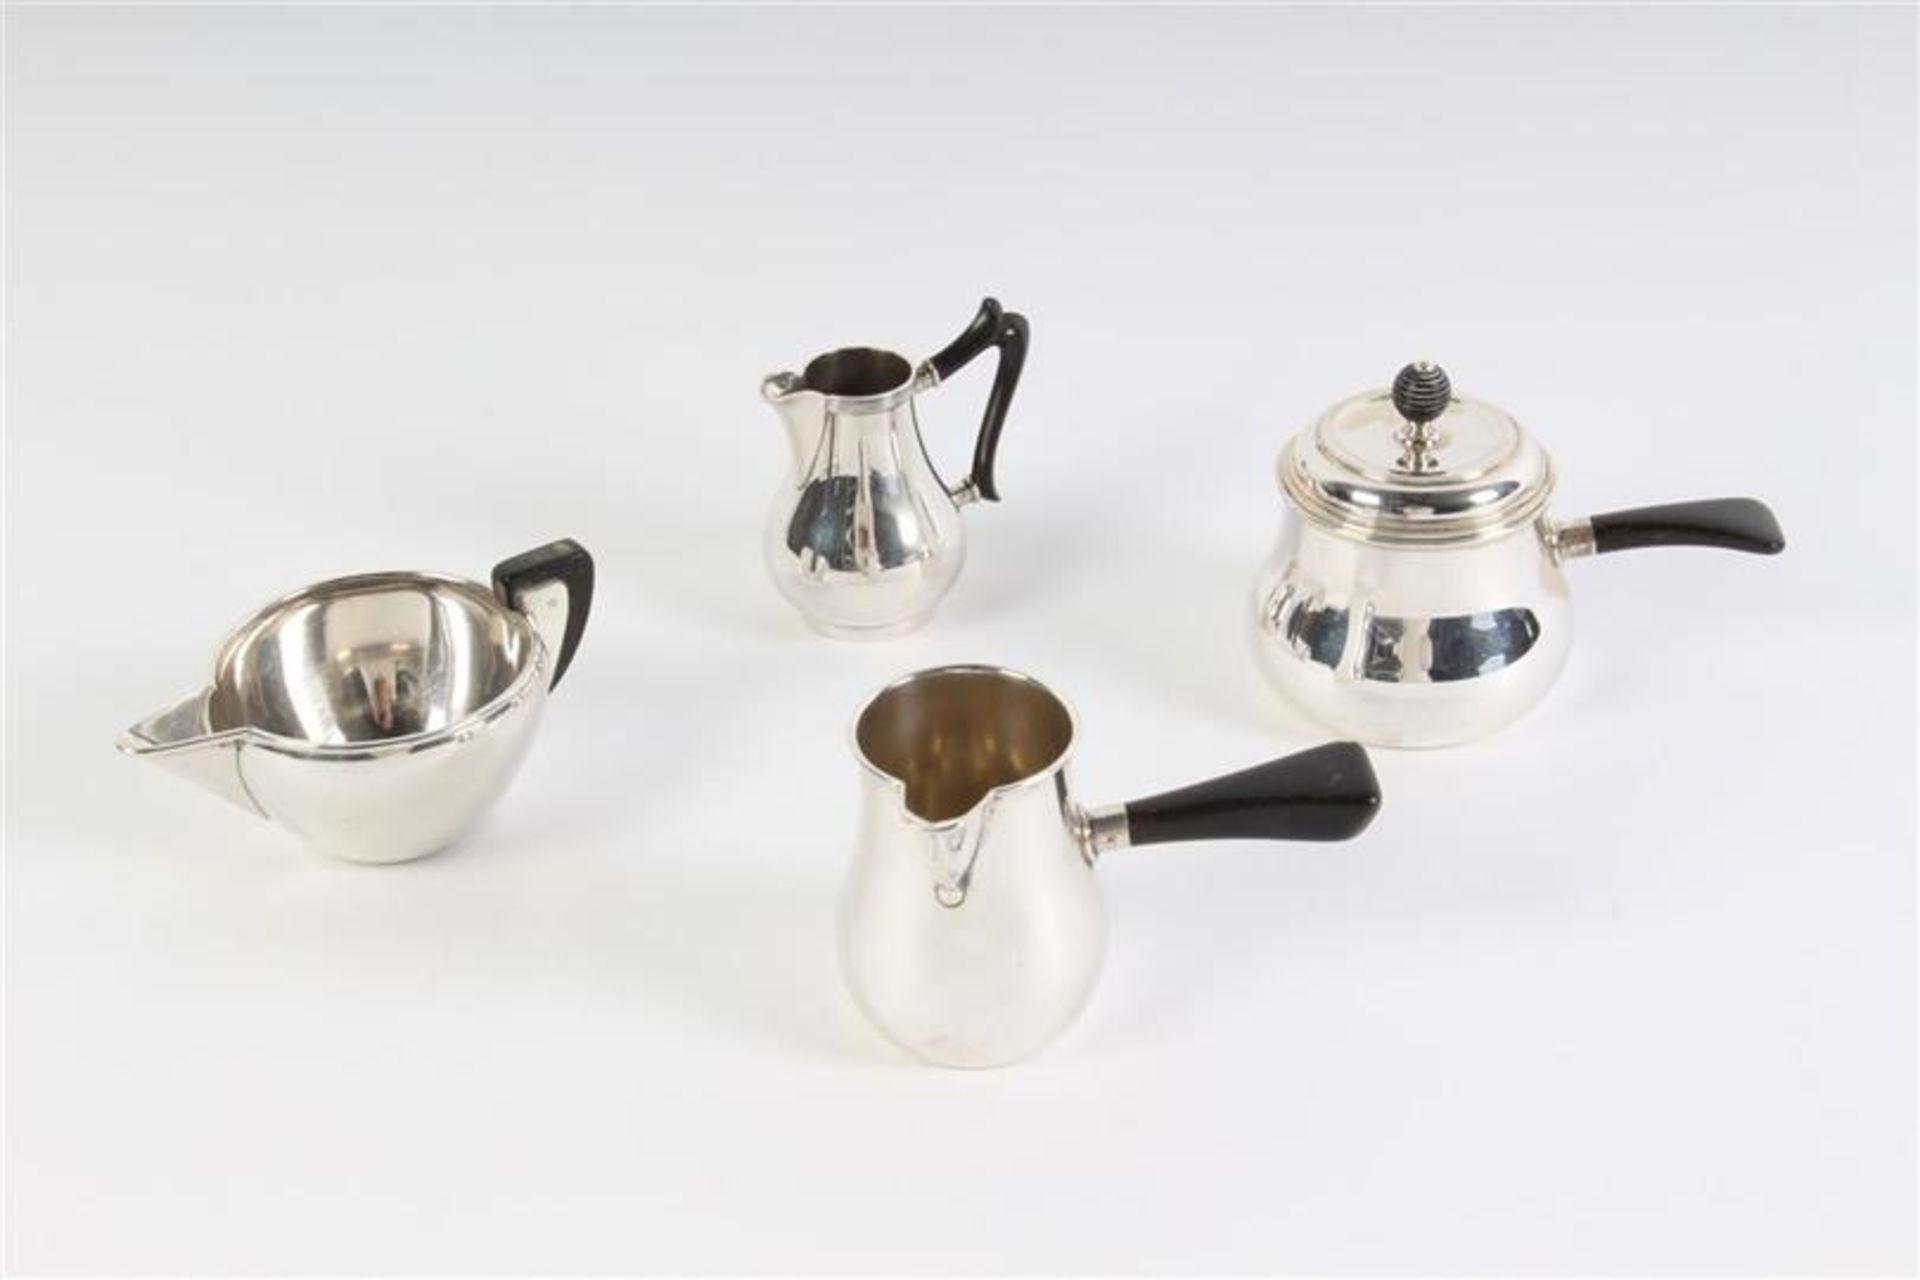 Vier zilveren mokka- en roomkannetjes, Holland, 20e eeuw.